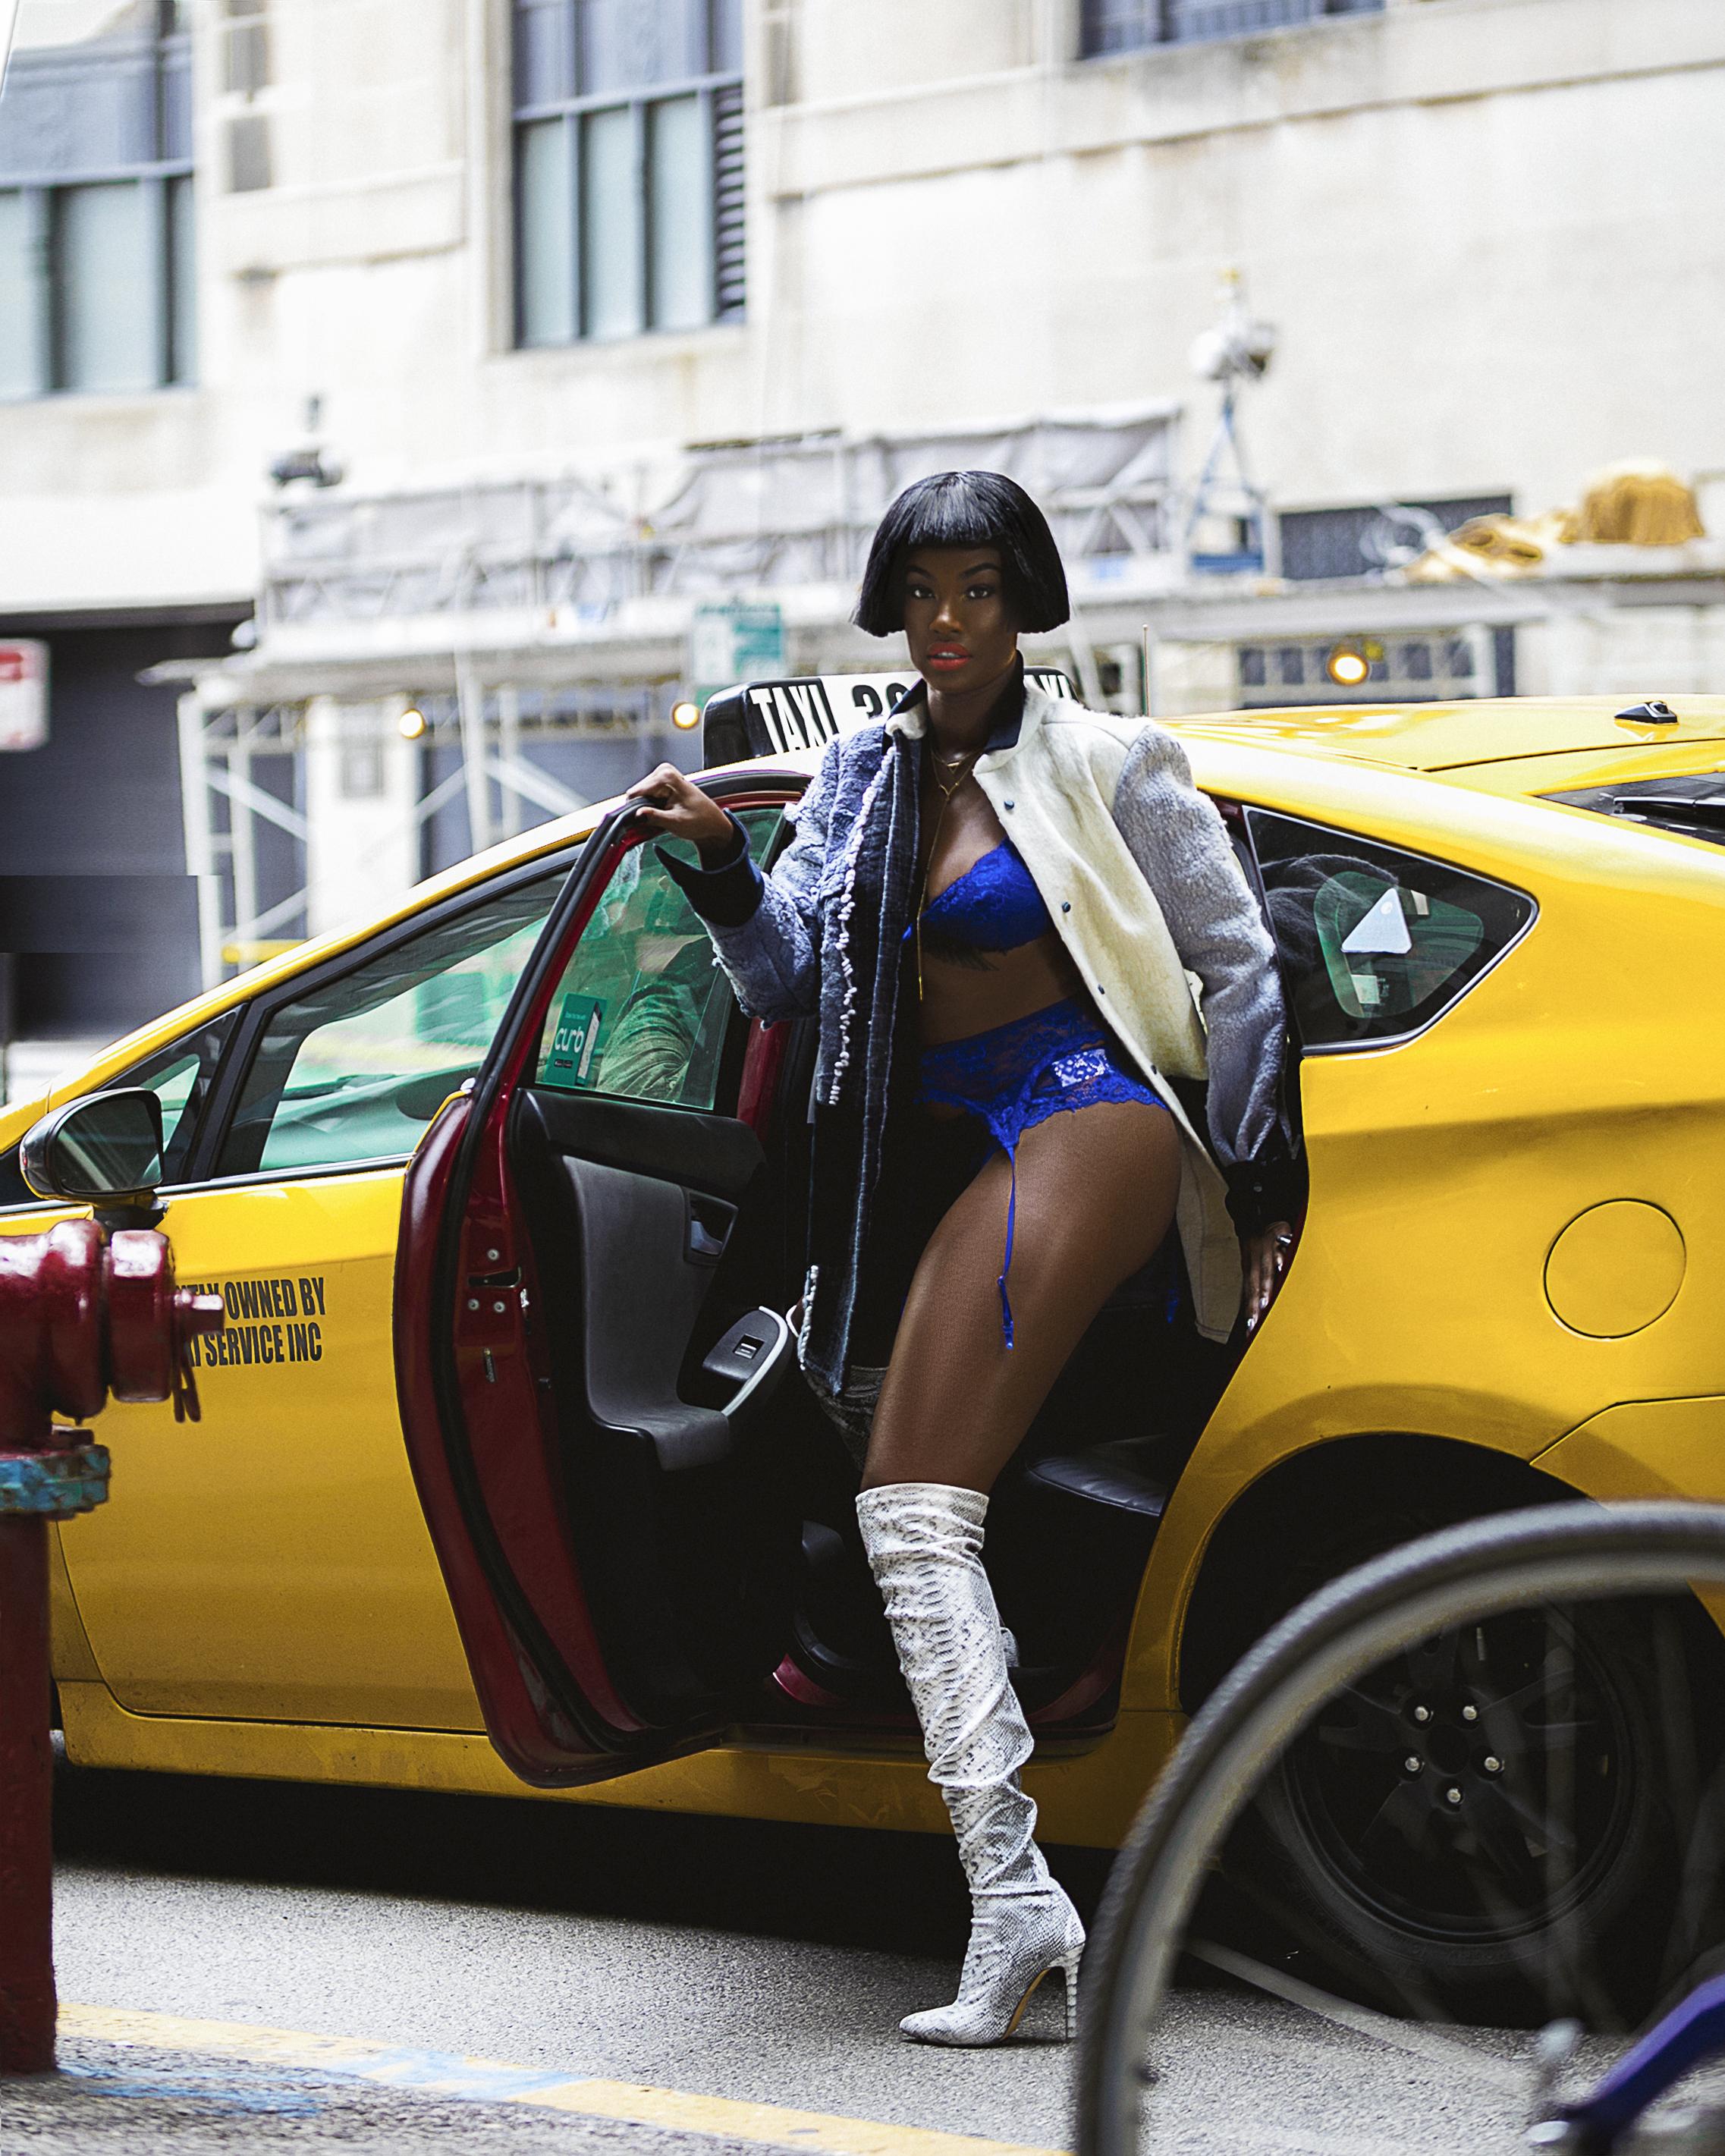 Chicago newest fashion queen - stilett0b0ss